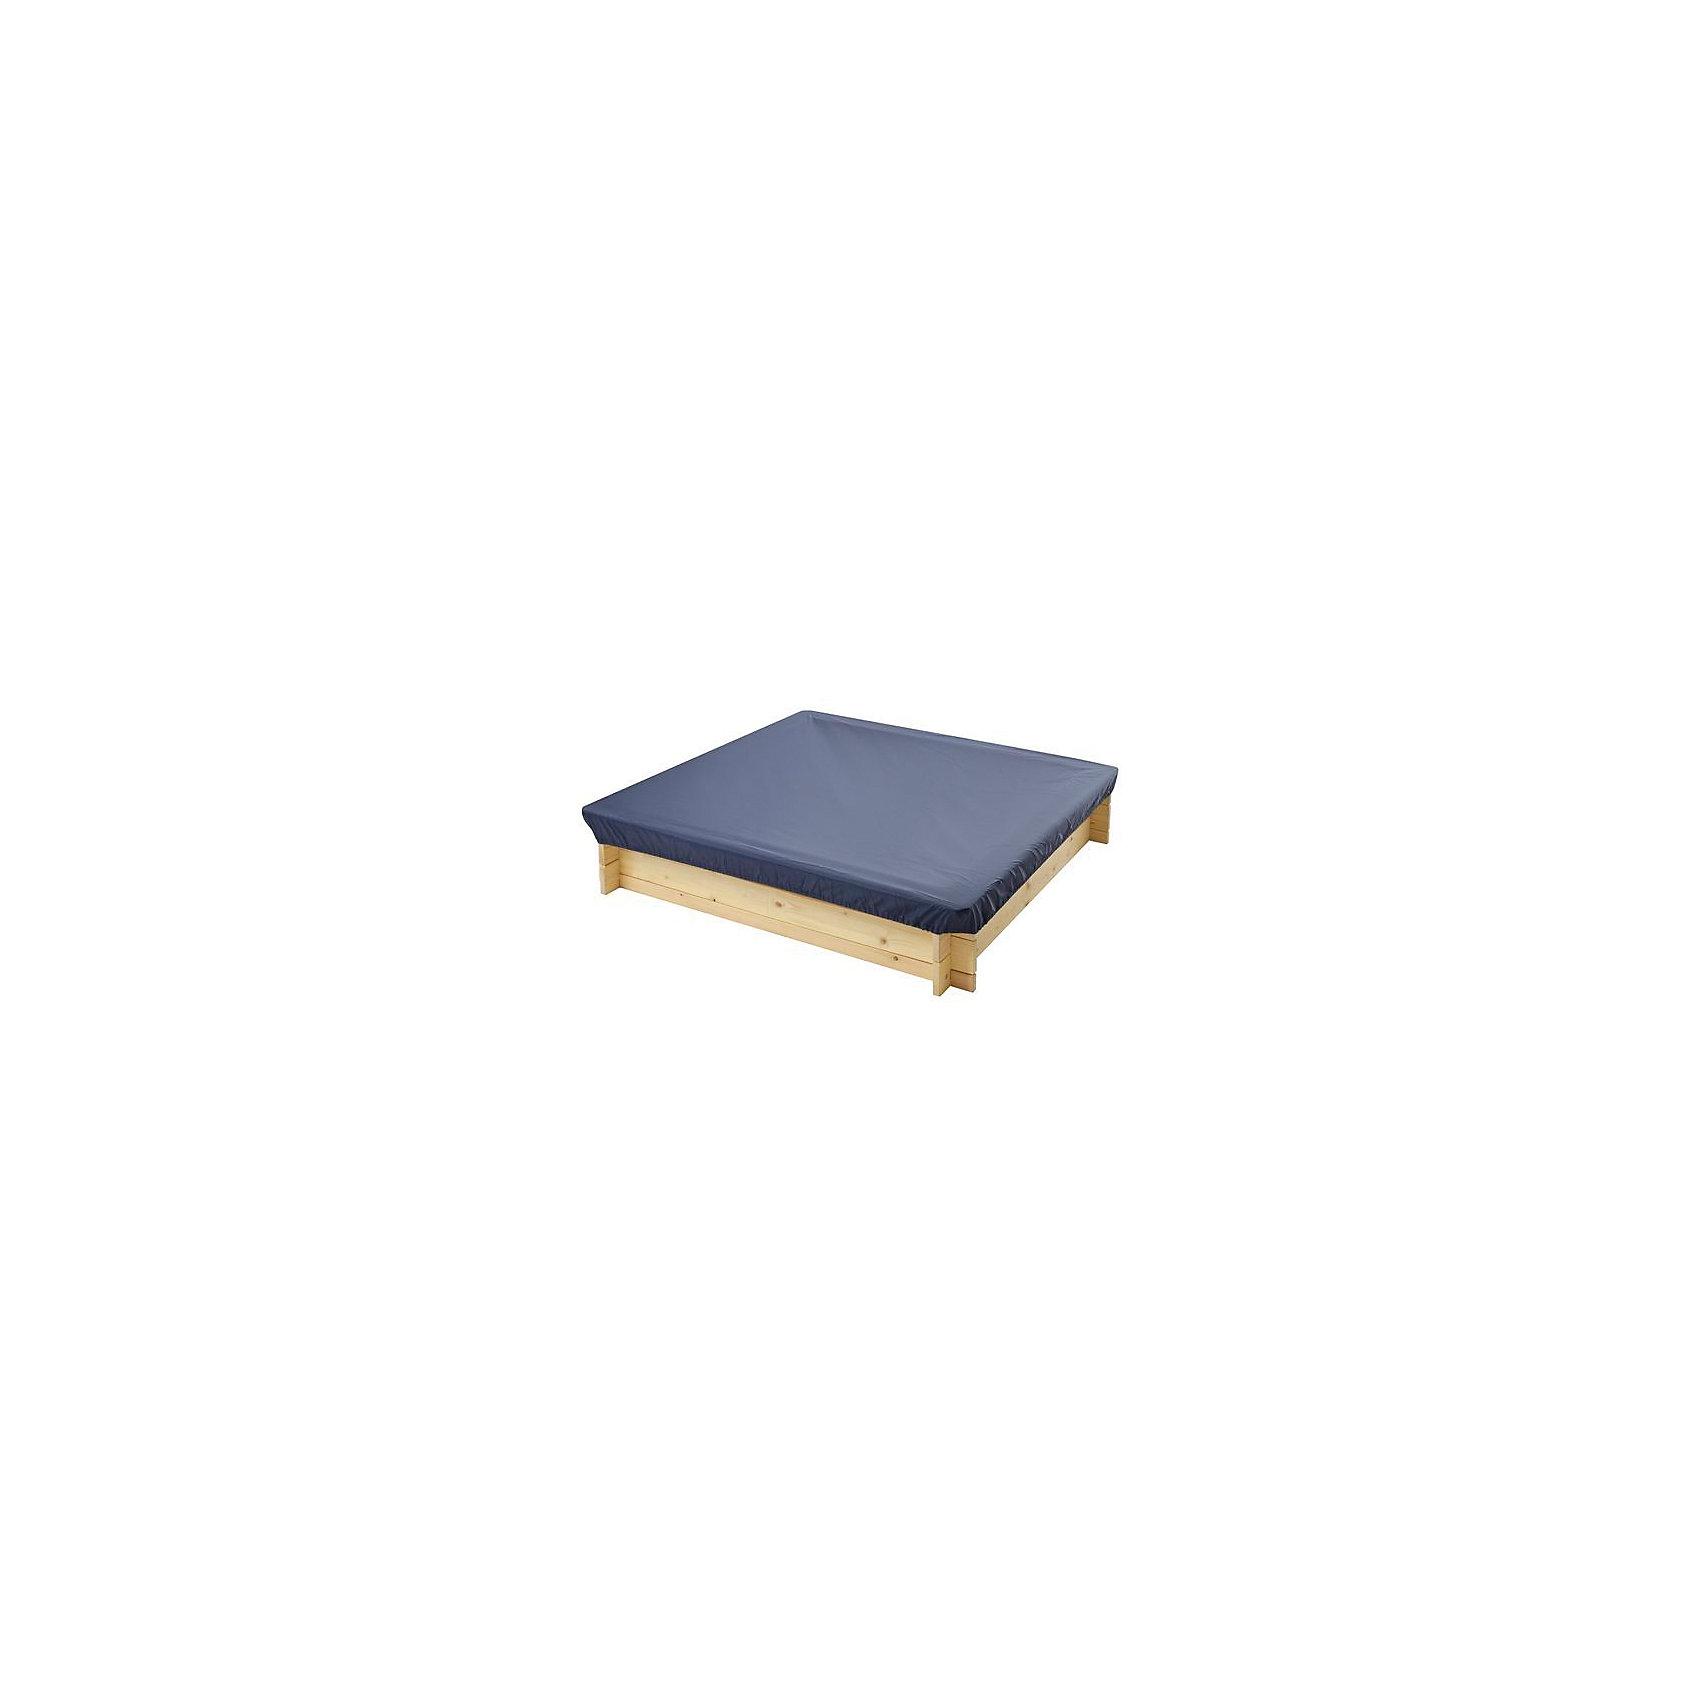 Защитный чехол для песочниц, цвет Темно-Синий, PAREMO